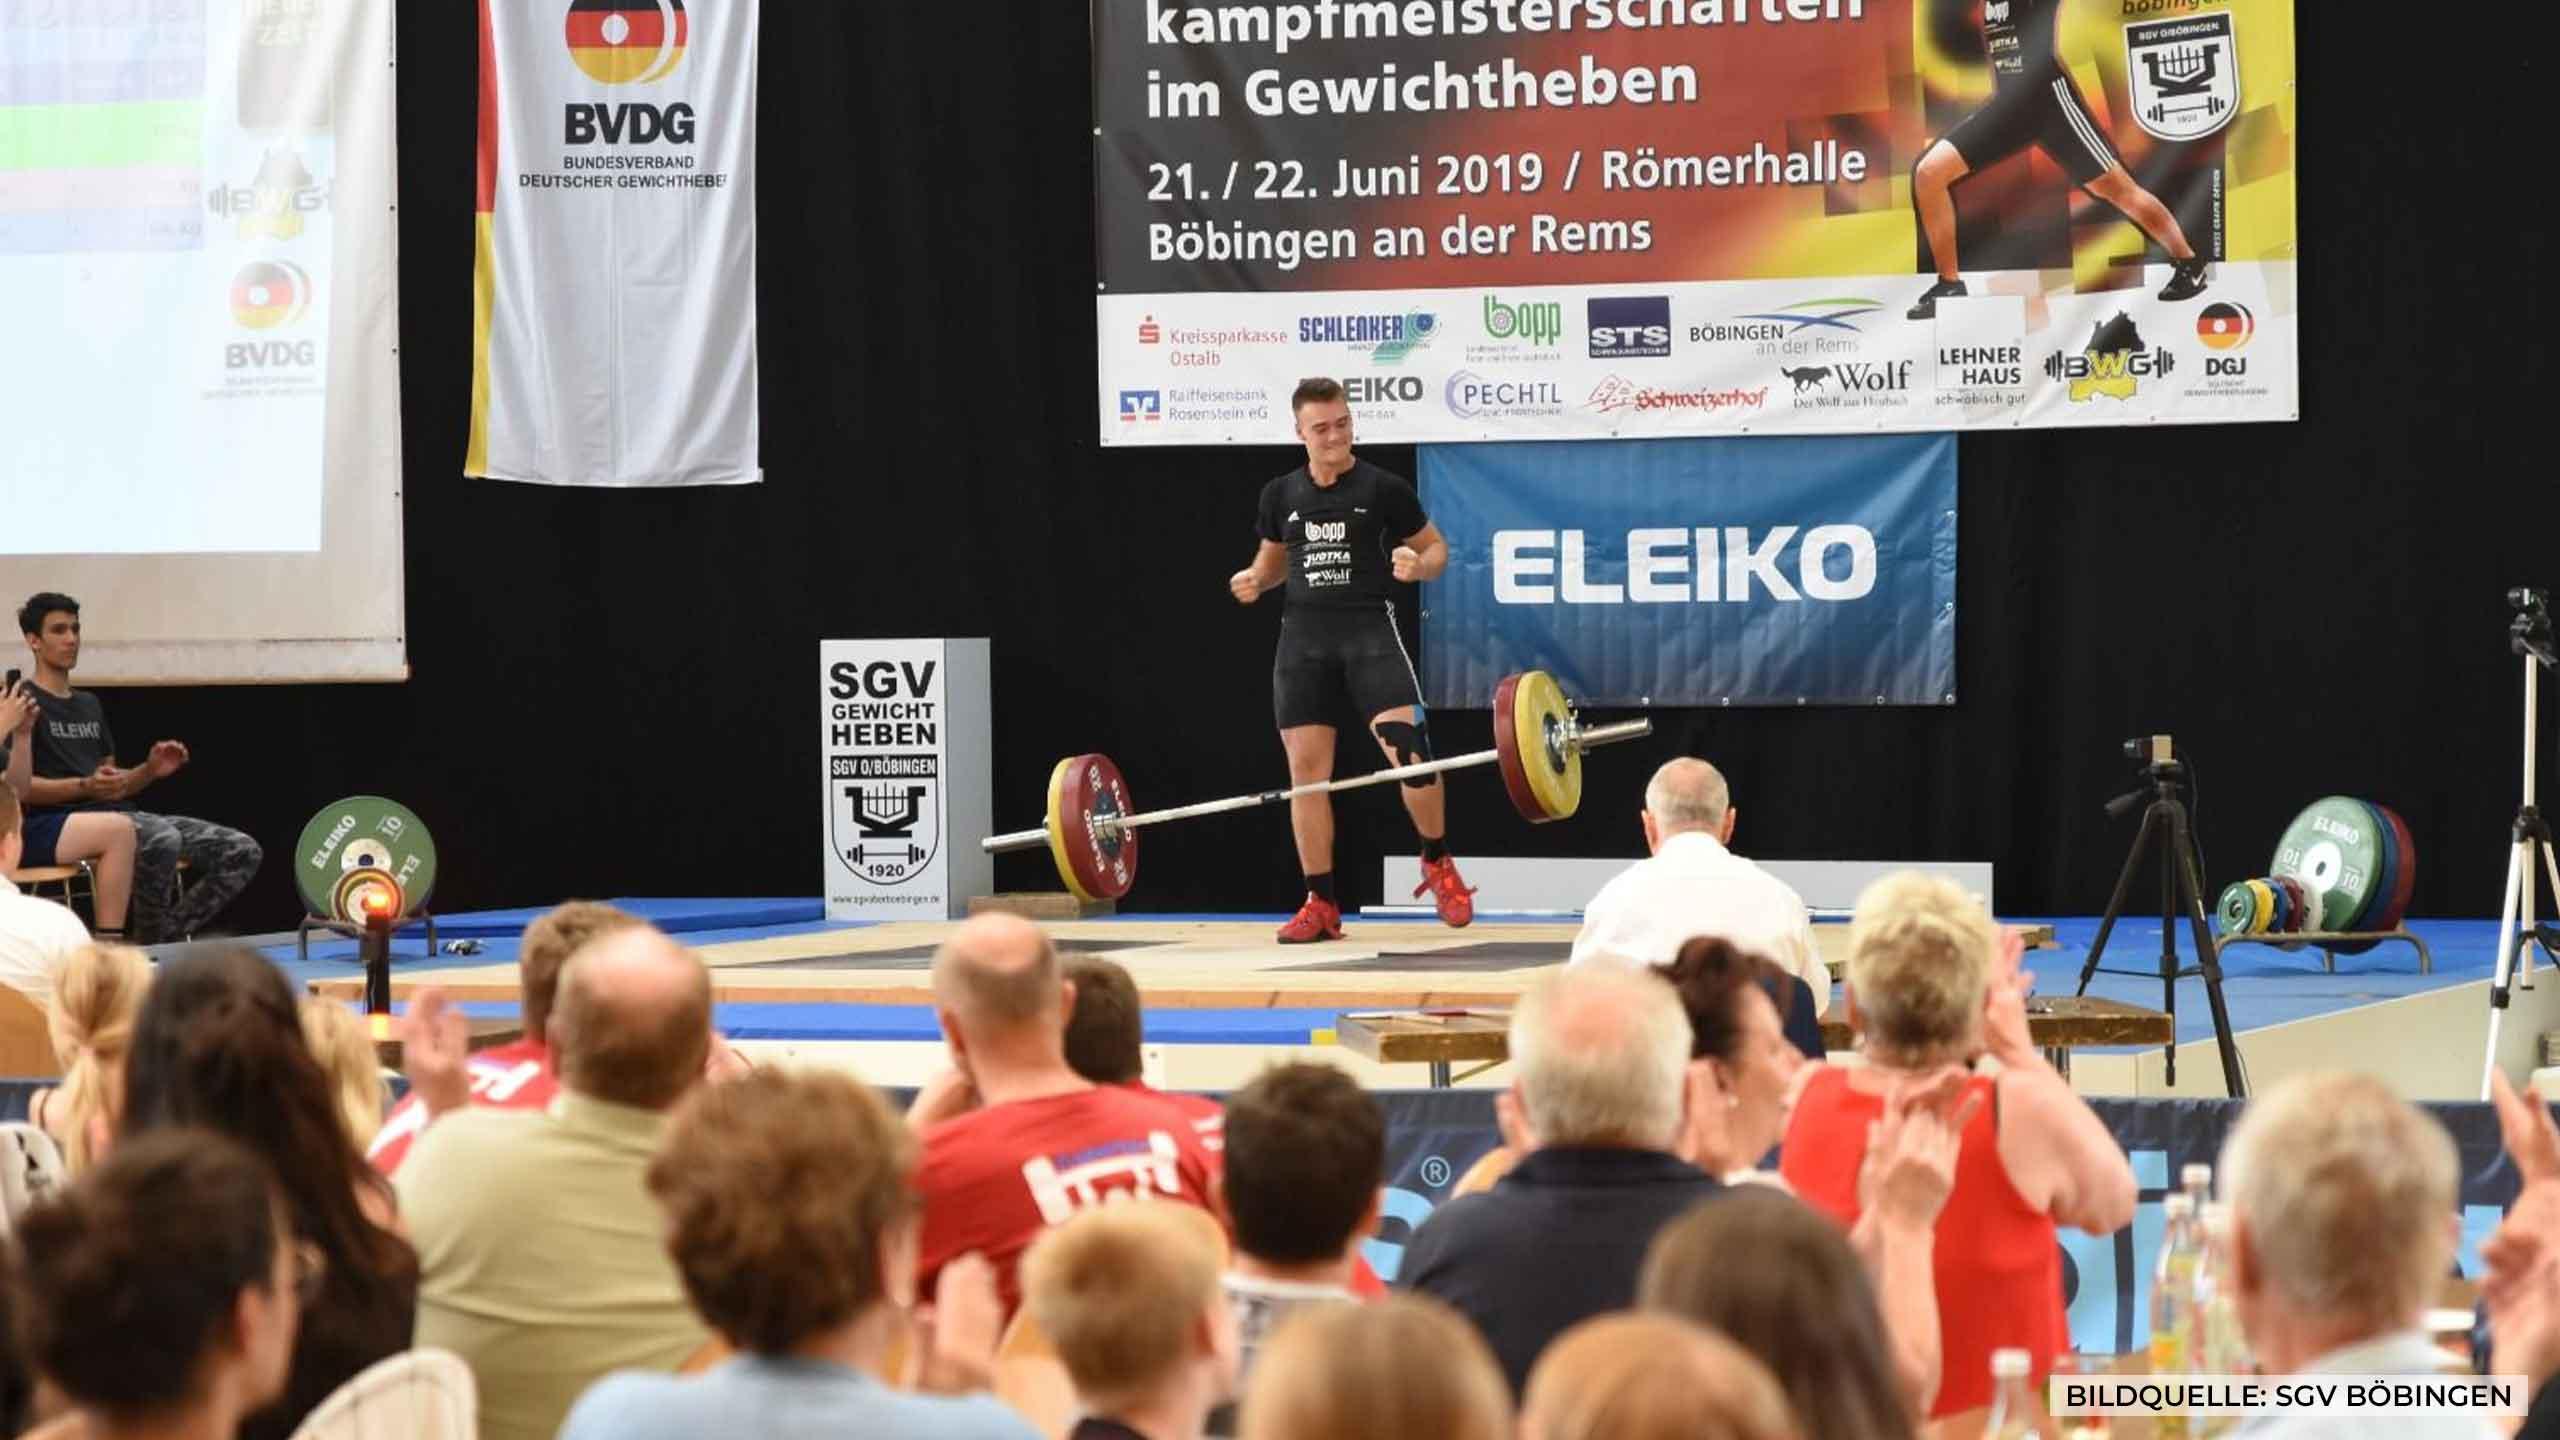 Deutsche Meisterschaft im Gewichtheben